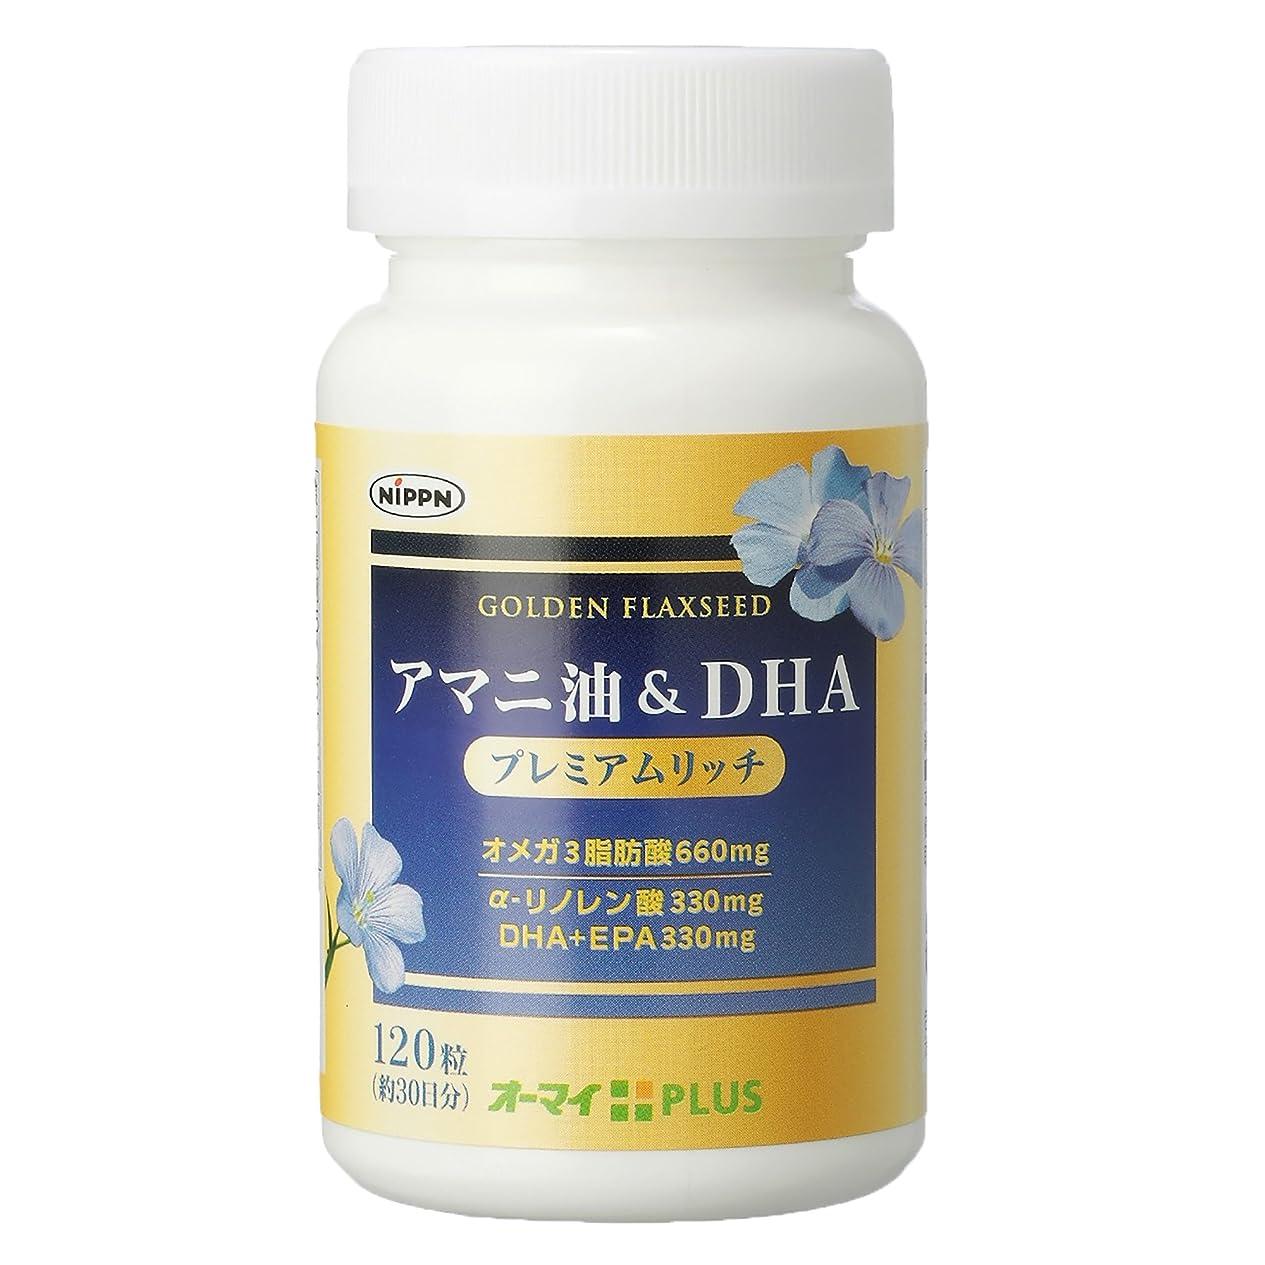 ドライバラインコンサルタントアマニ油&DHA プレミアムリッチ 120粒(約30日分)